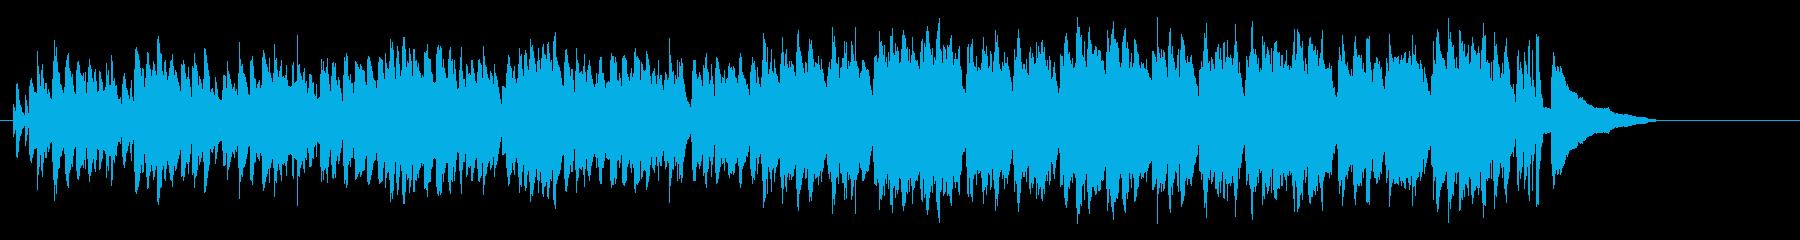 スウィンギーなテーマ風のジャズ・サウンドの再生済みの波形